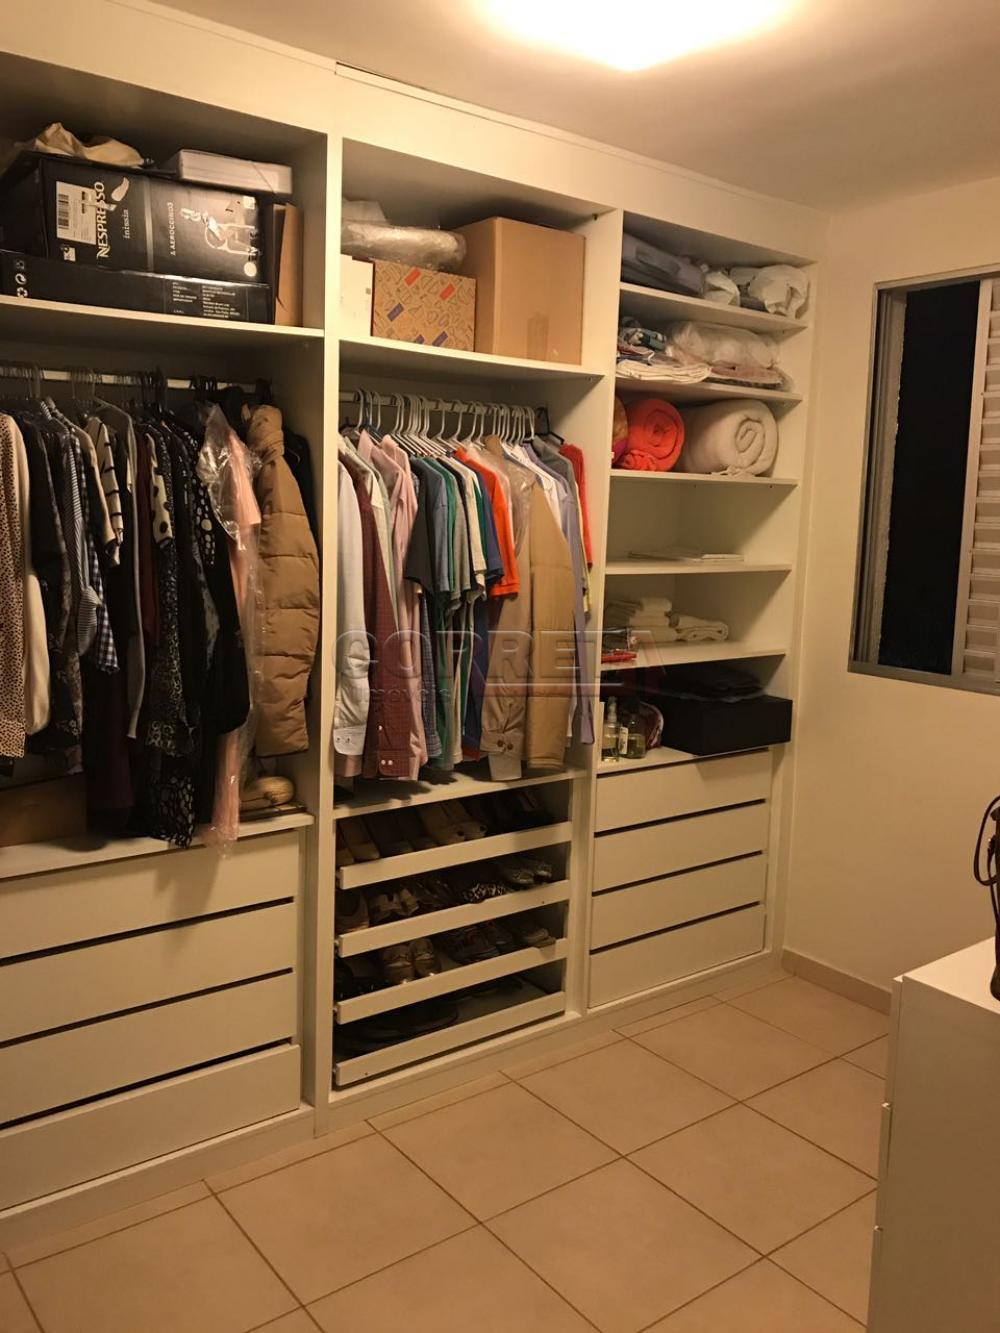 Comprar Apartamento / Padrão em Araçatuba apenas R$ 160.000,00 - Foto 7